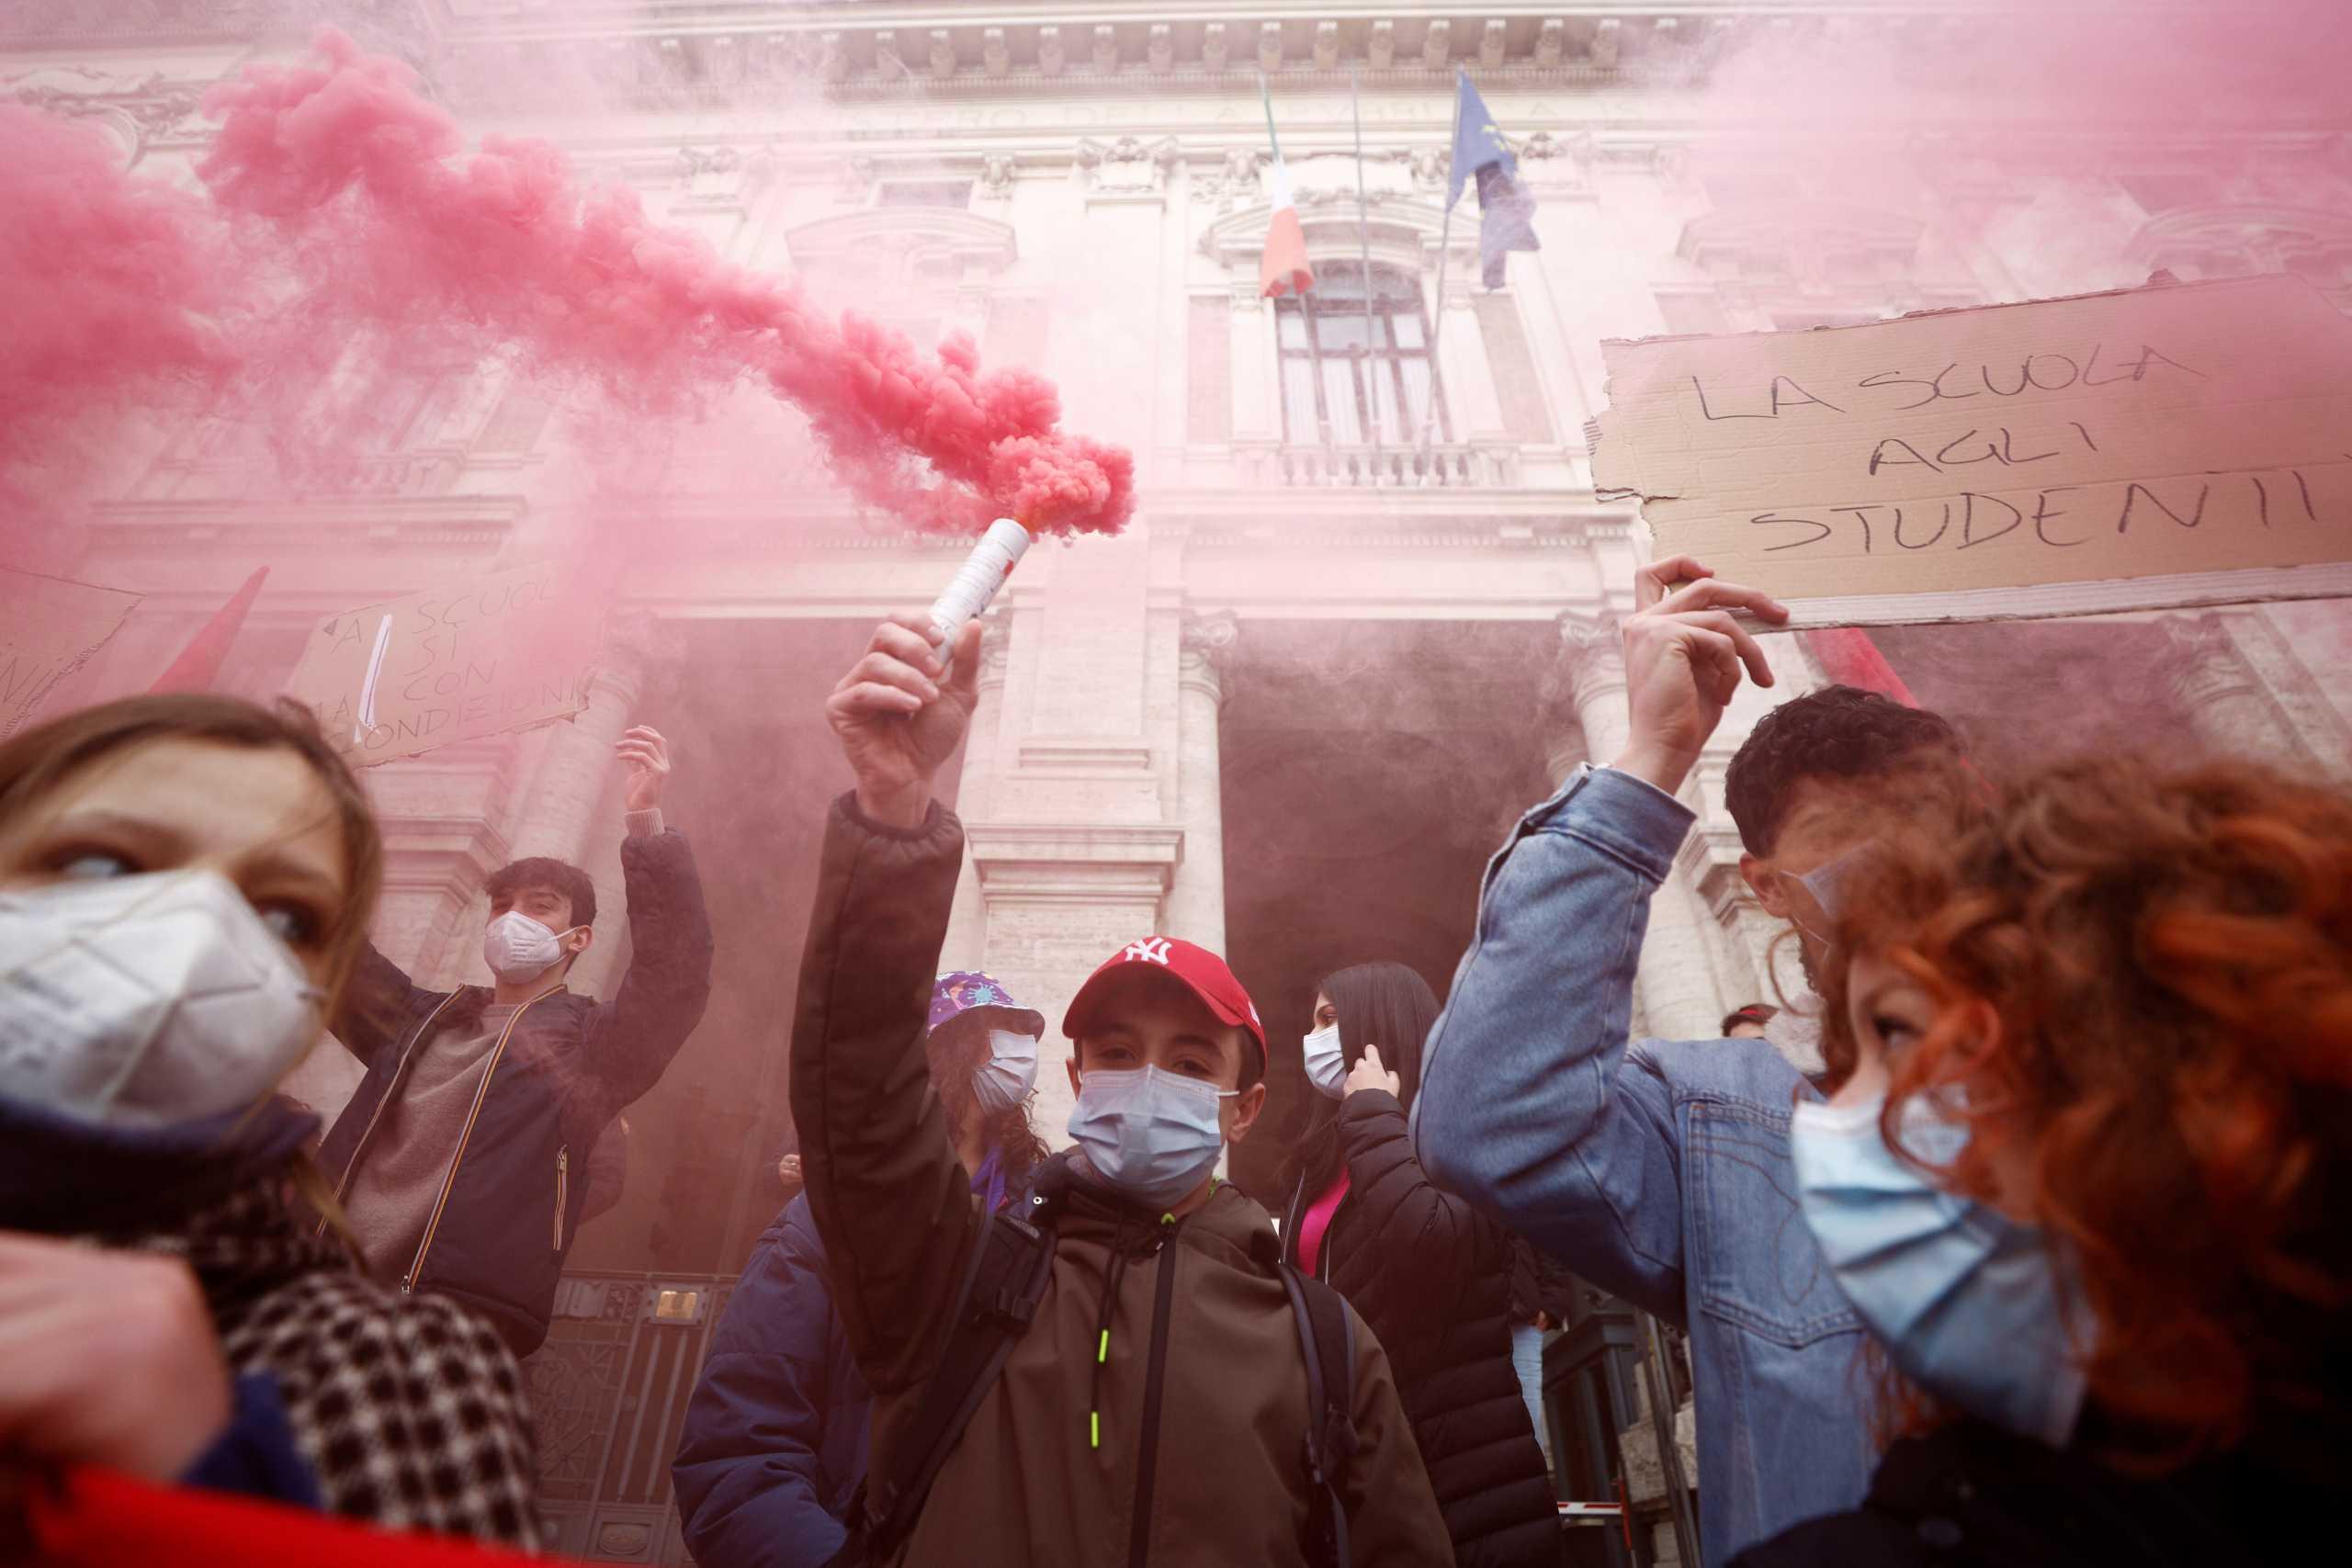 Μαθητές στην Ιταλία κατέβηκαν στον δρόμο και ζητούν το τέλος της τηλεκπαίδευσης – «Φτάνει με την αβεβαιότητα» (pics)